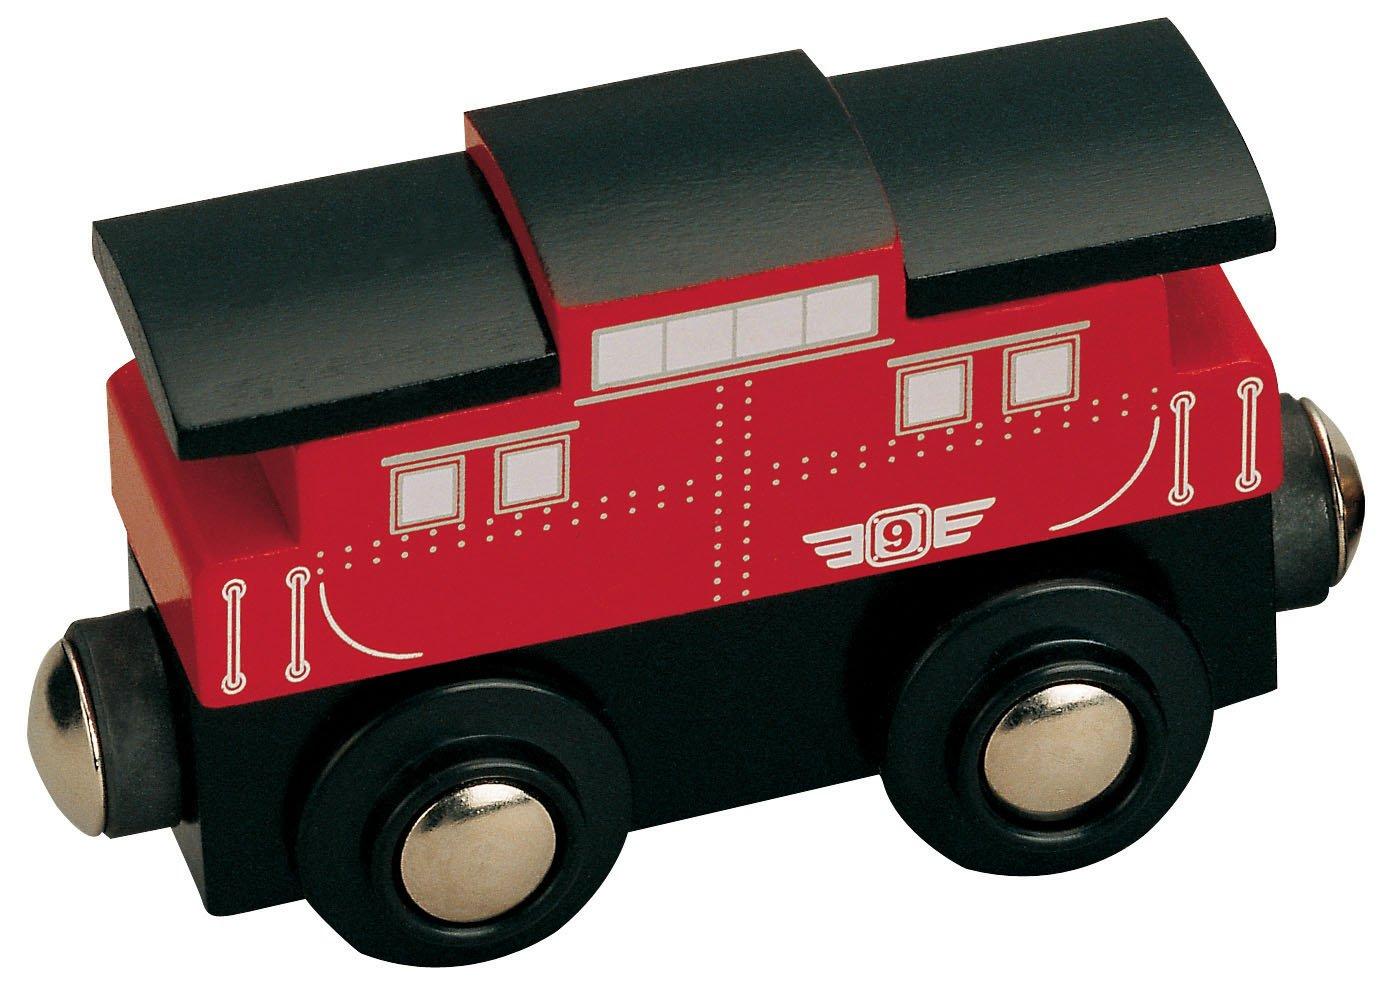 tienda hace compras y ventas Maxim Enterprise 50820 rojo Caboose   9 9 9  descuento de ventas en línea